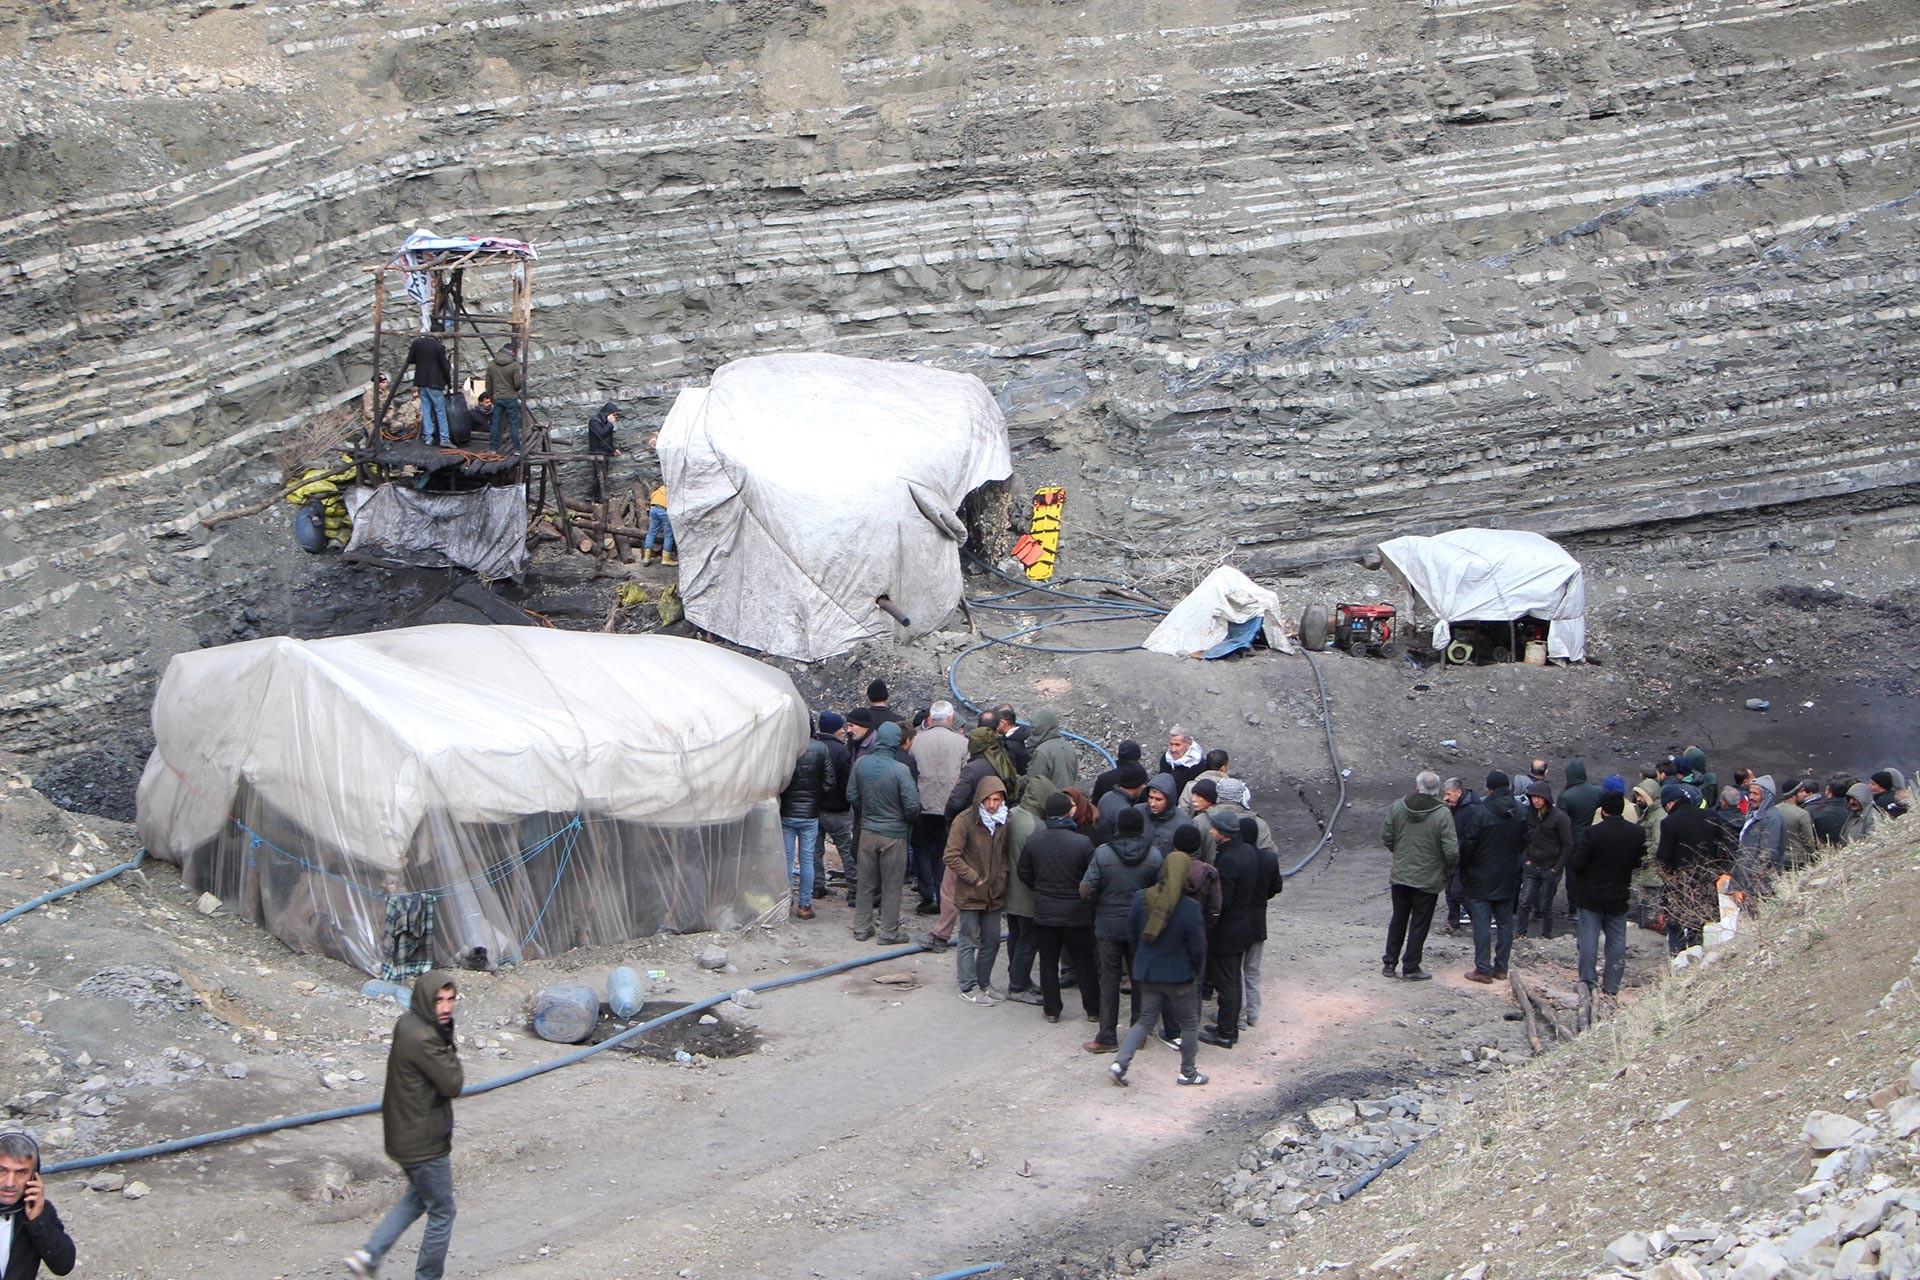 Şırnak'ta özel bir kömür ocağında yaşanan göçük sonucu ocakta mahsur kalan işçiyi kurtarmak için ekipler çalışırken